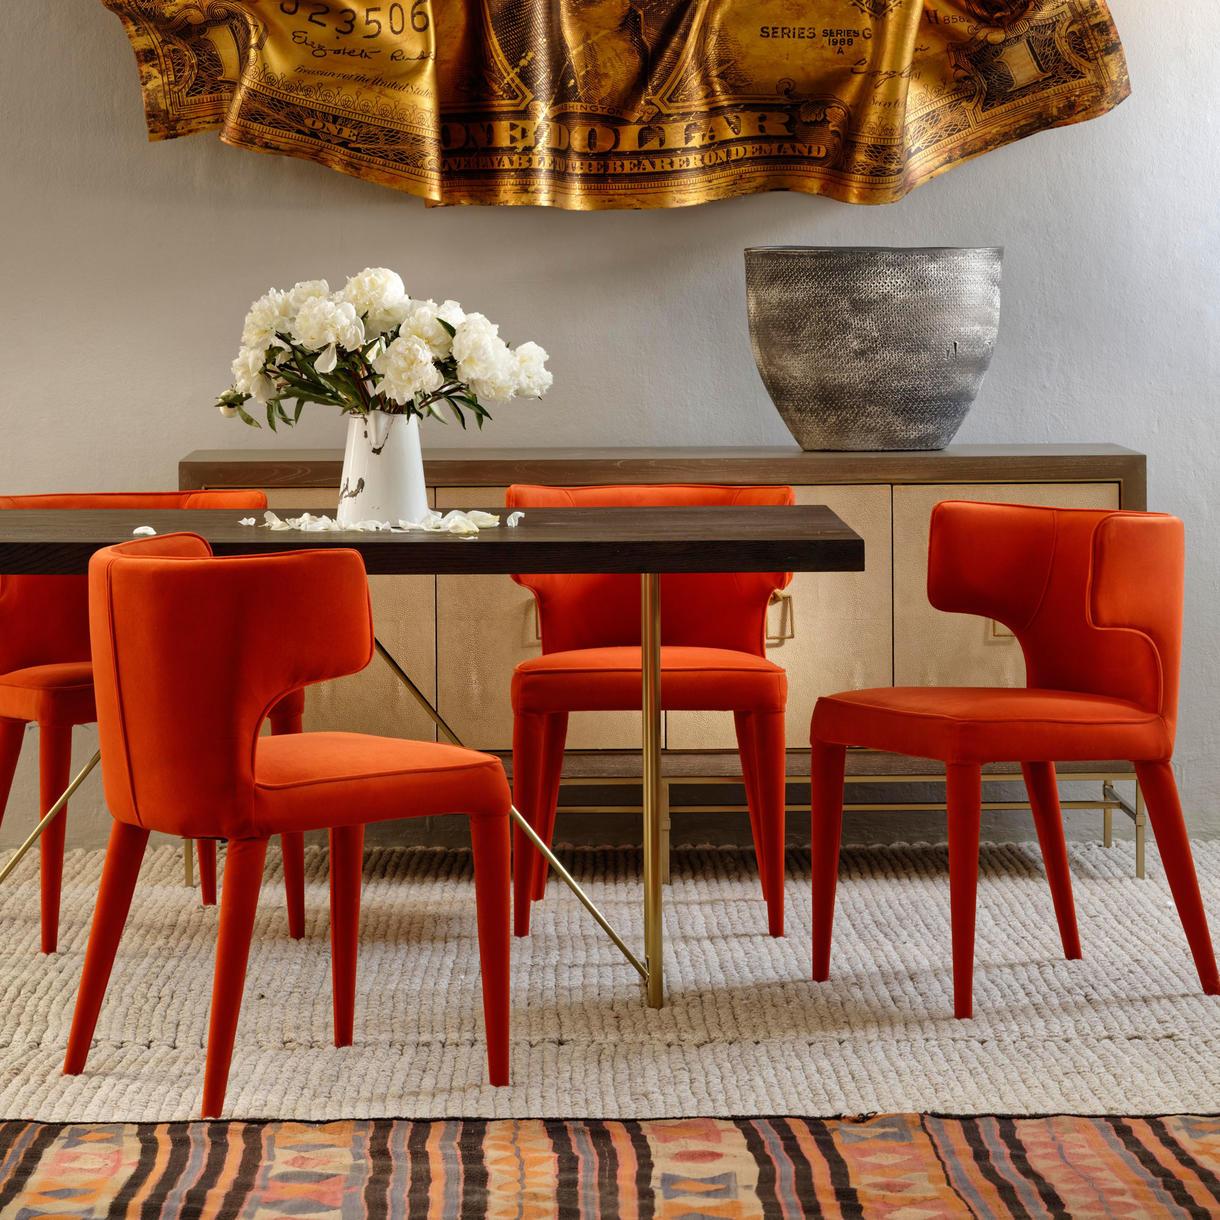 Bridge_Dining_Table_Lifestyle_2_web_optimised